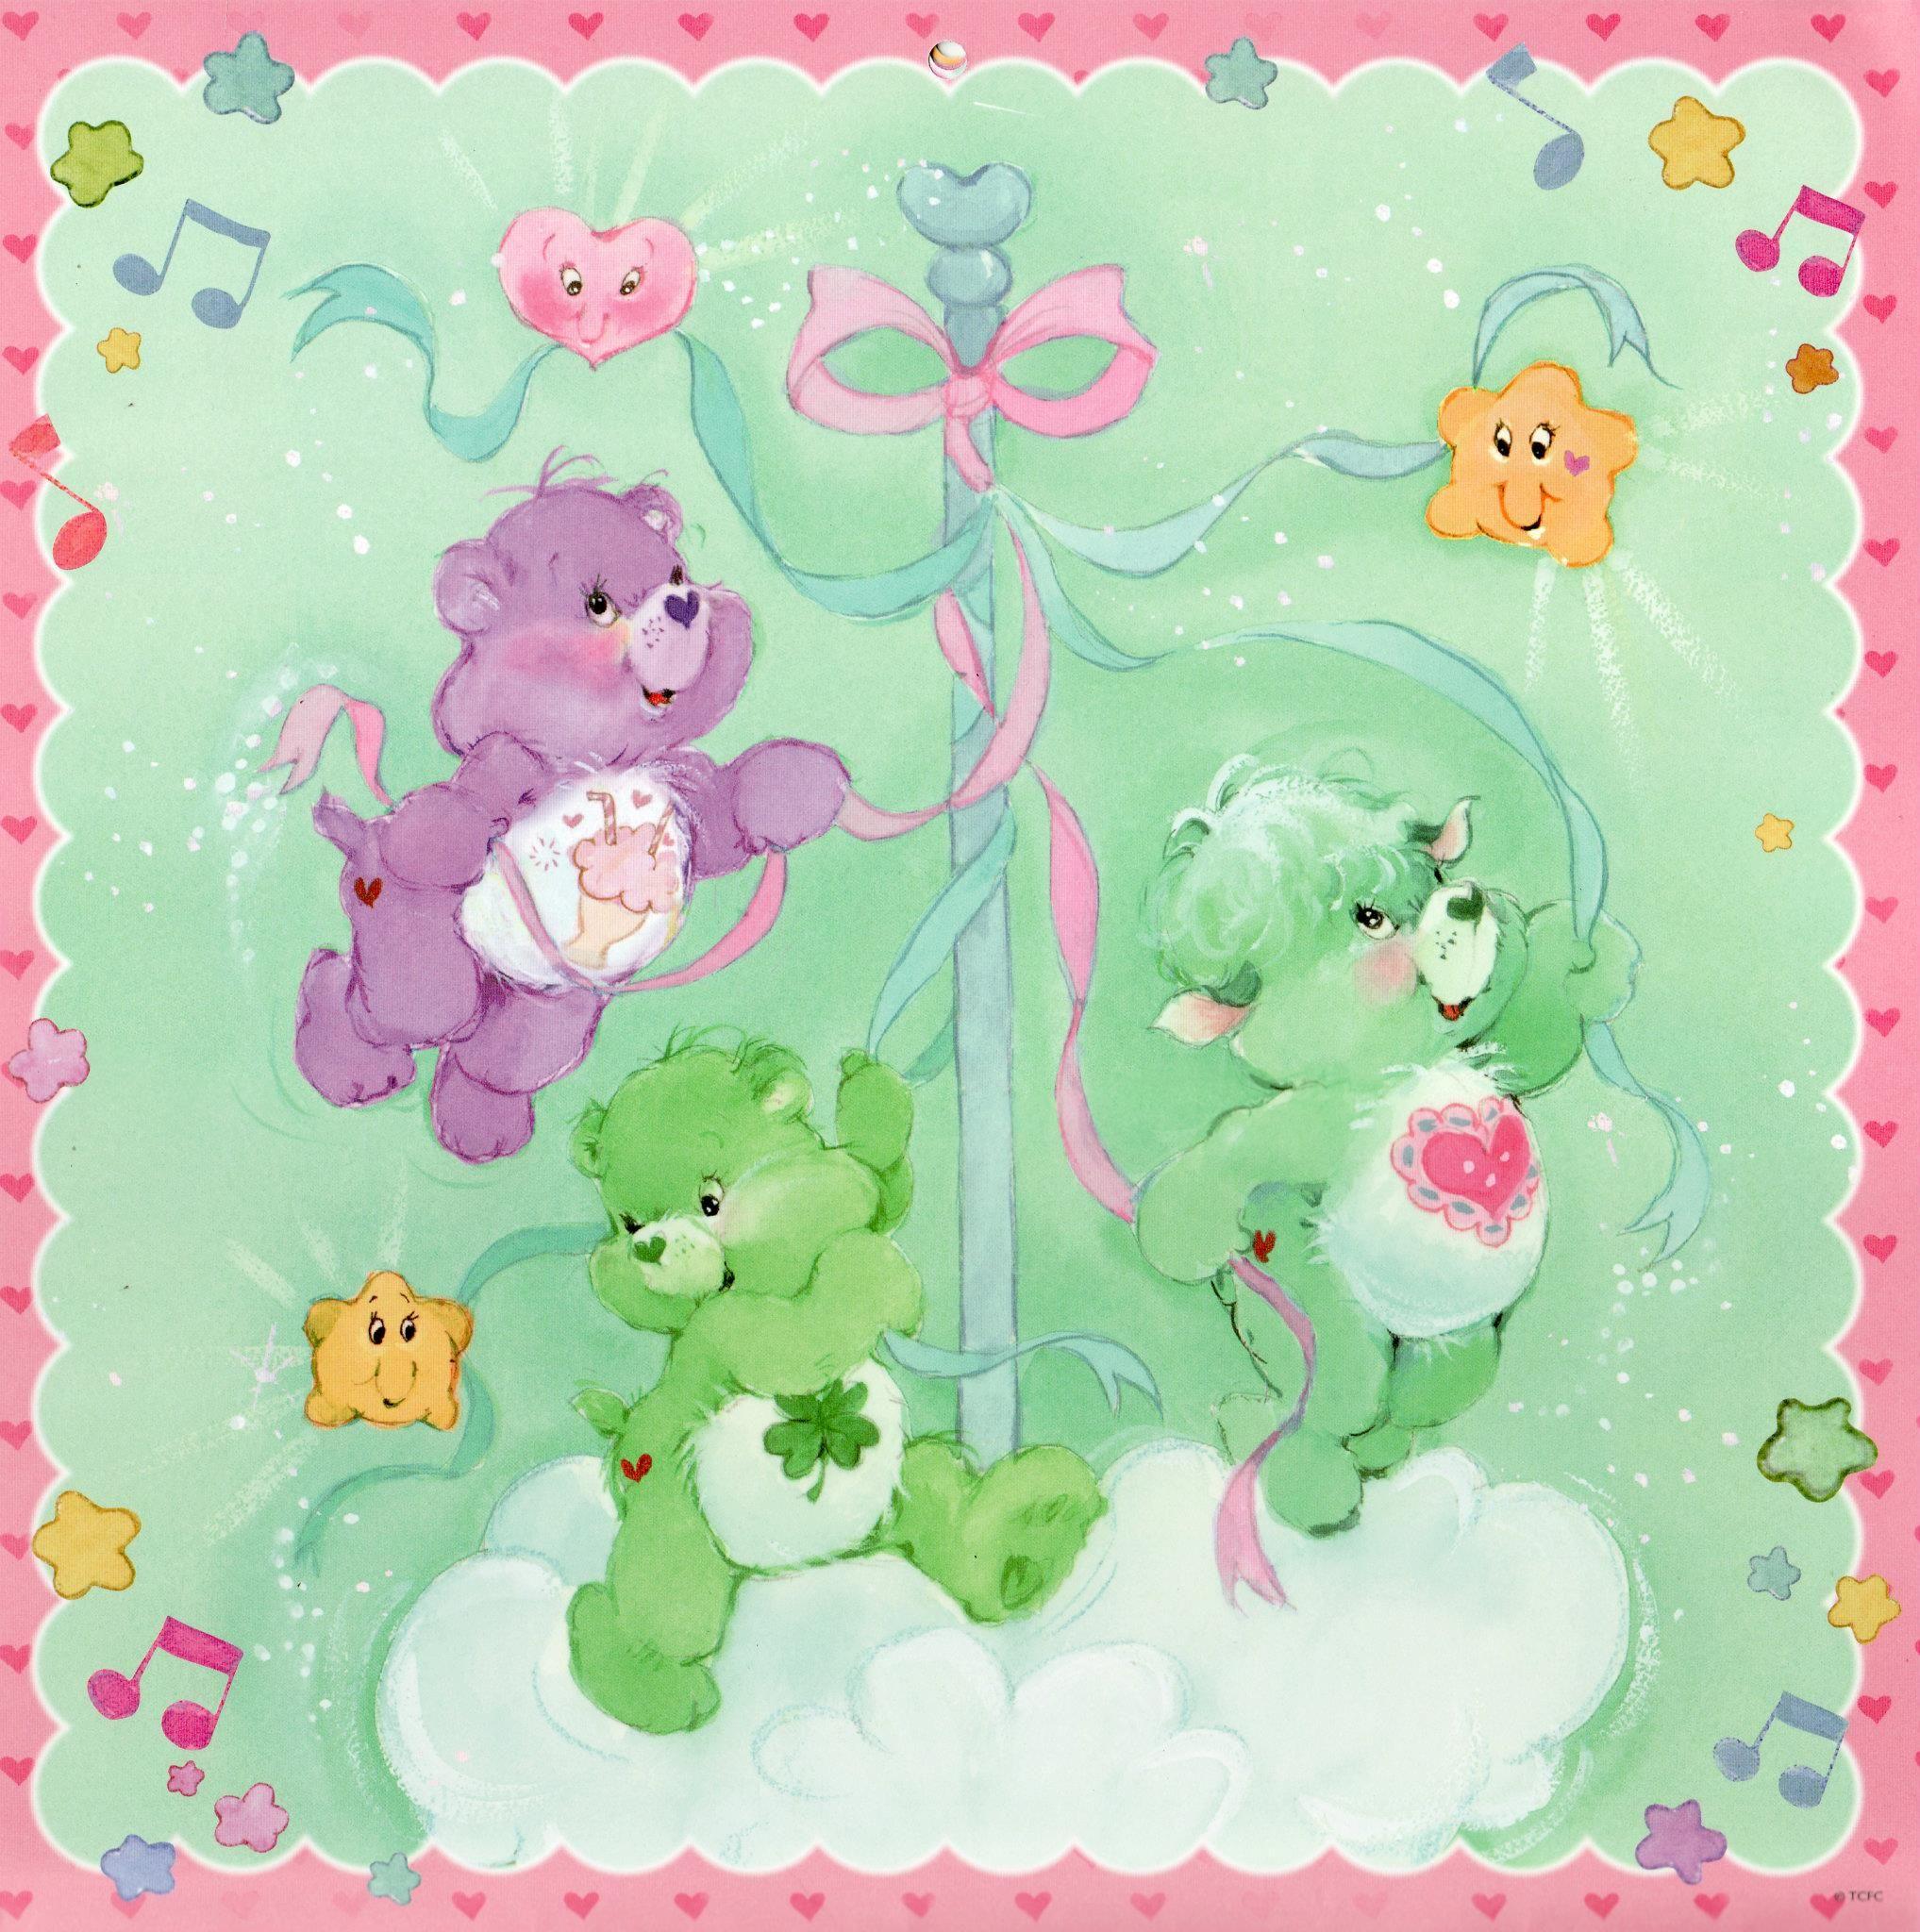 Care Bears & Cousins Set: Share Bear & Good Luck Bear with Gentle Heart Lamb